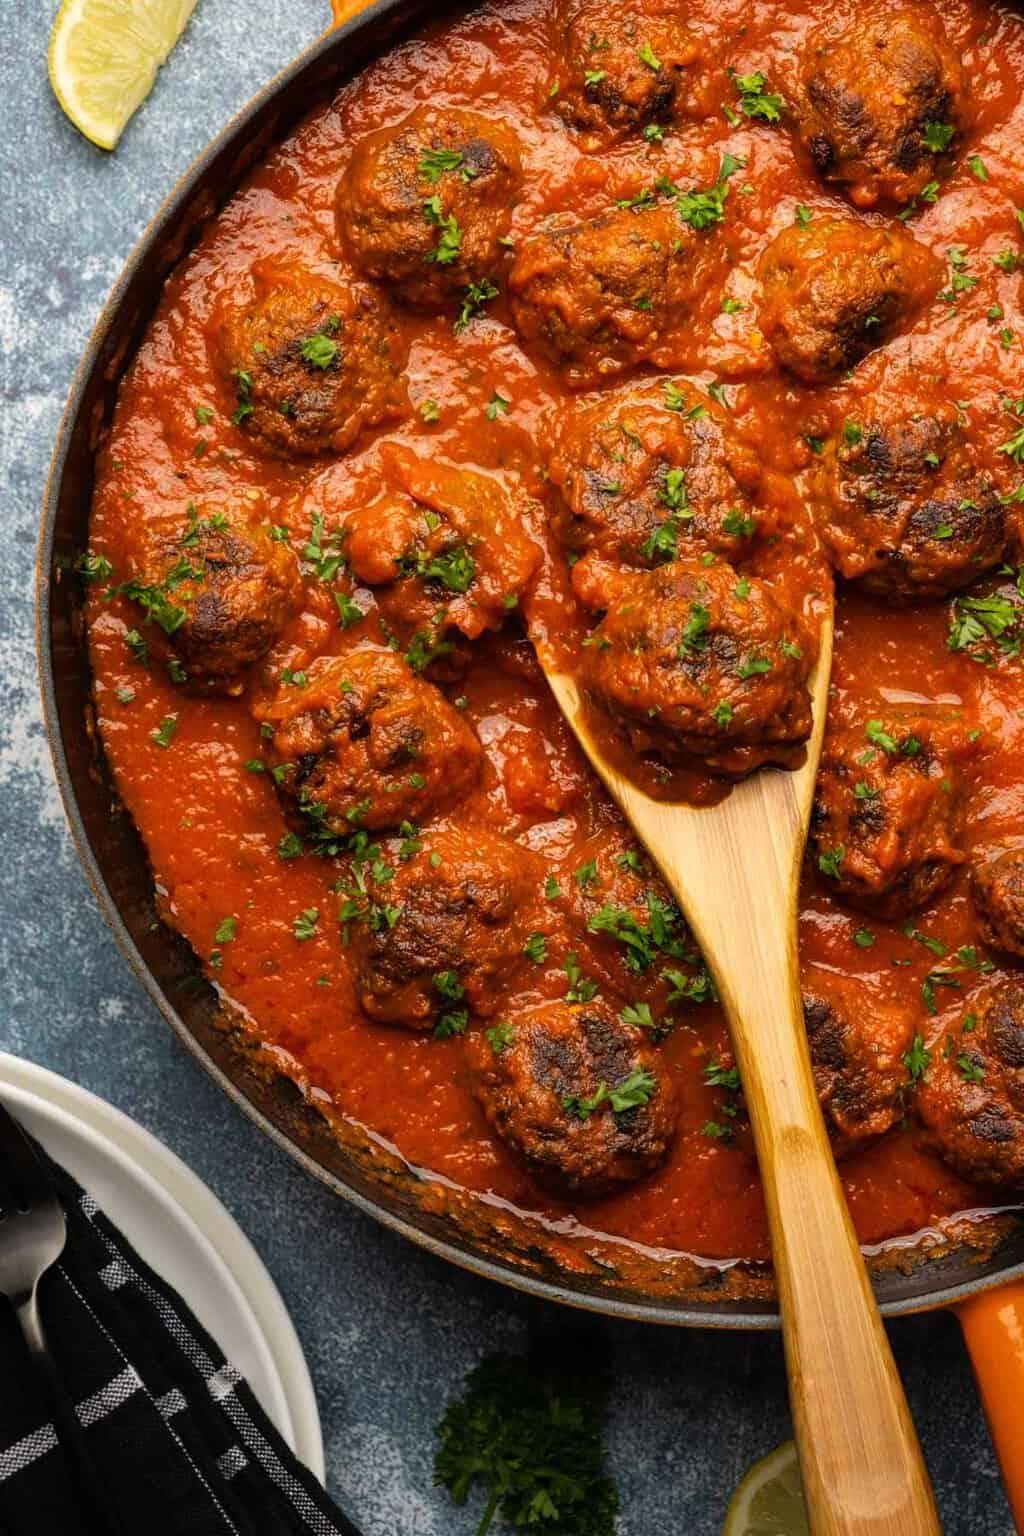 Vegan meatballs in a frying pan with marinara sauce.